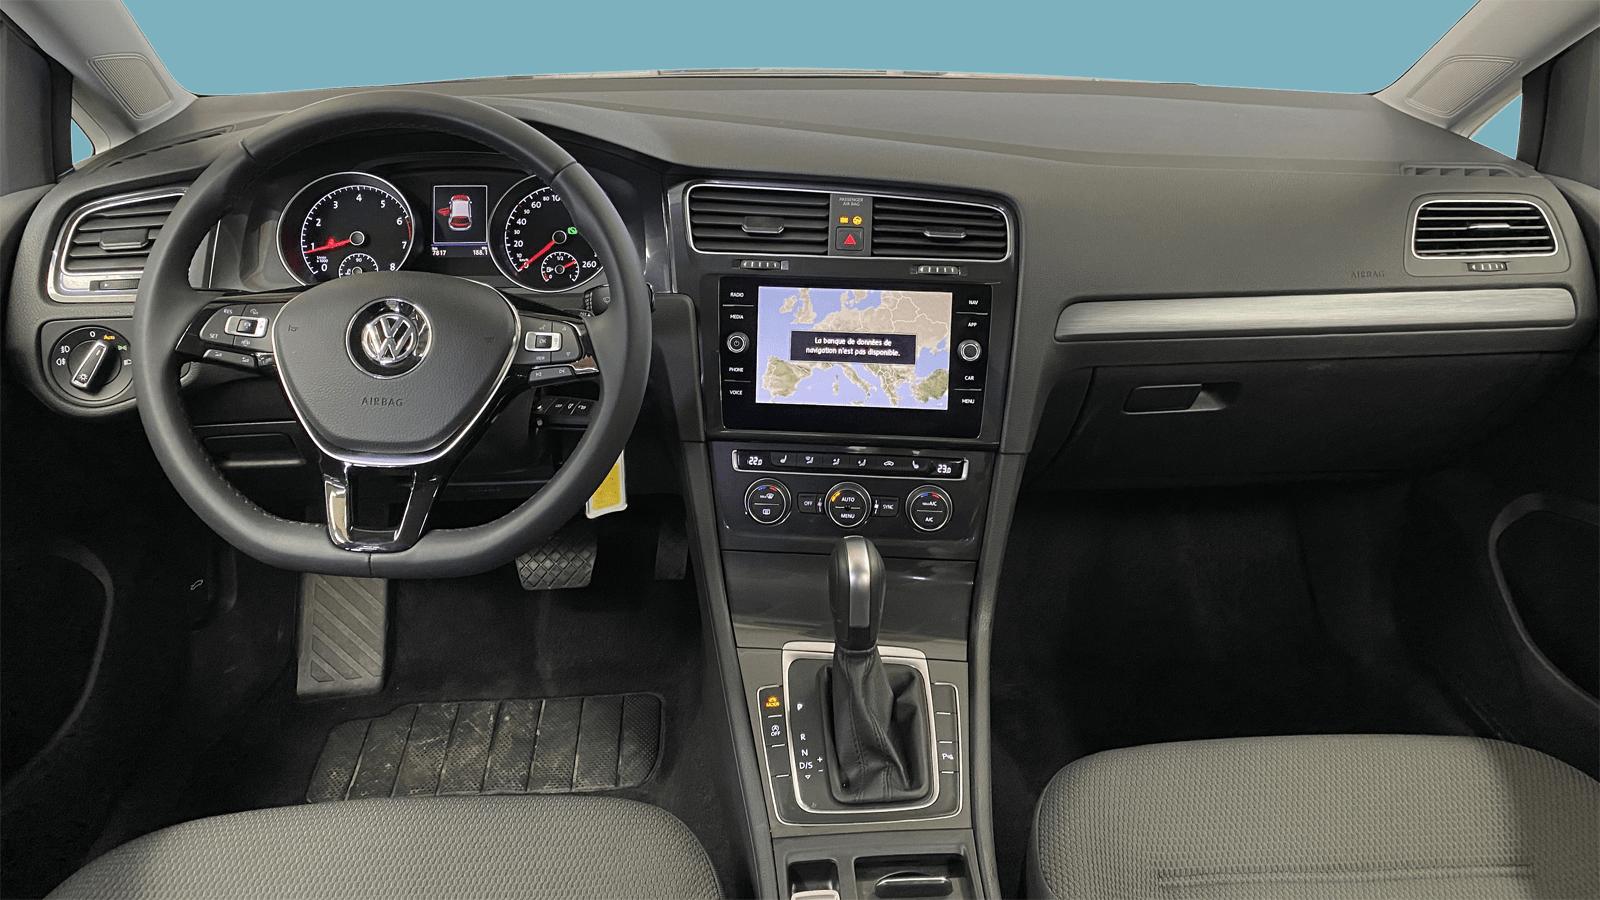 VW Golf Silver interior - Clyde car subscription